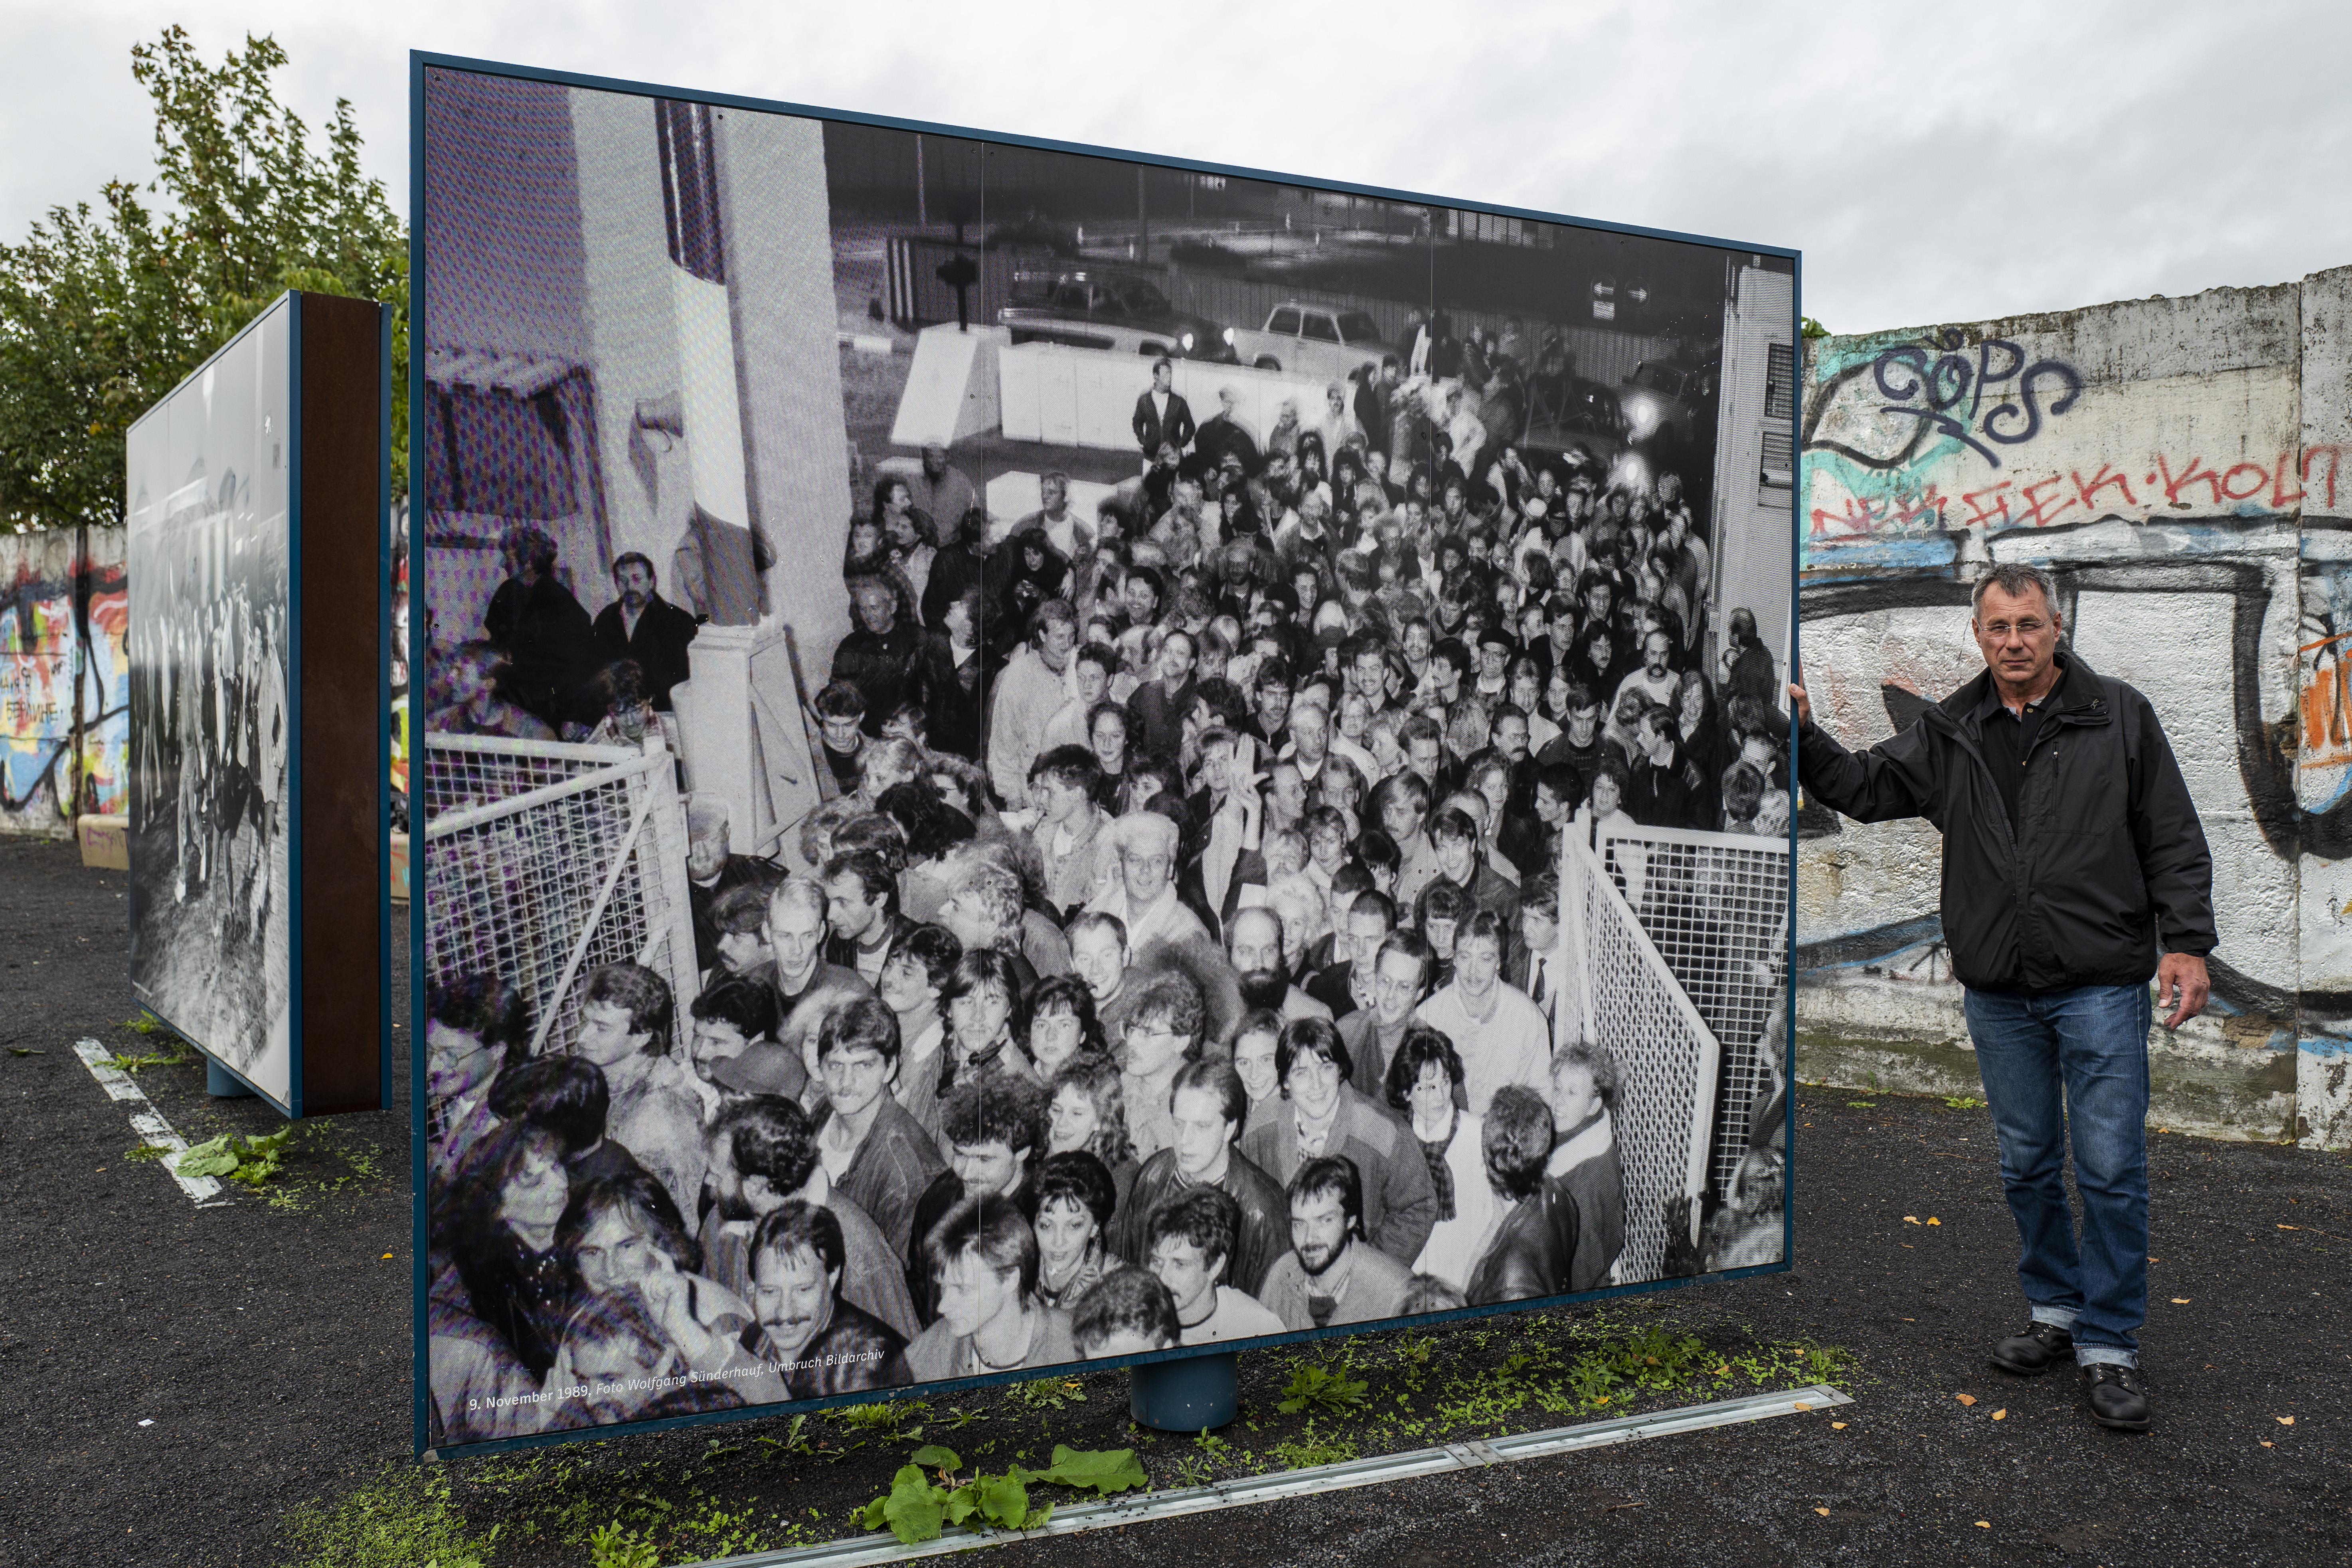 Qué le marcó el final al Muro de Berlín